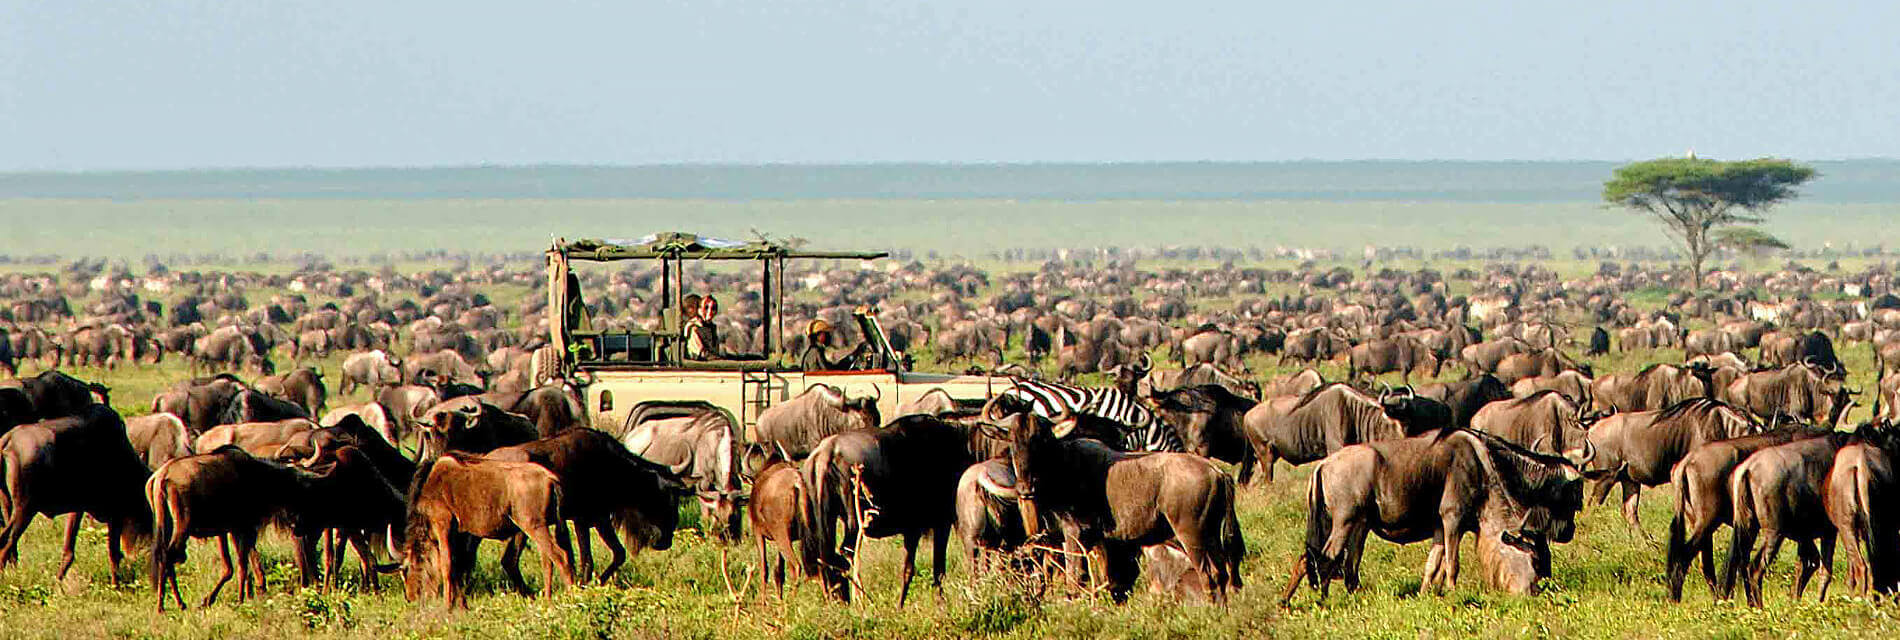 Tanzania safari Serengeti